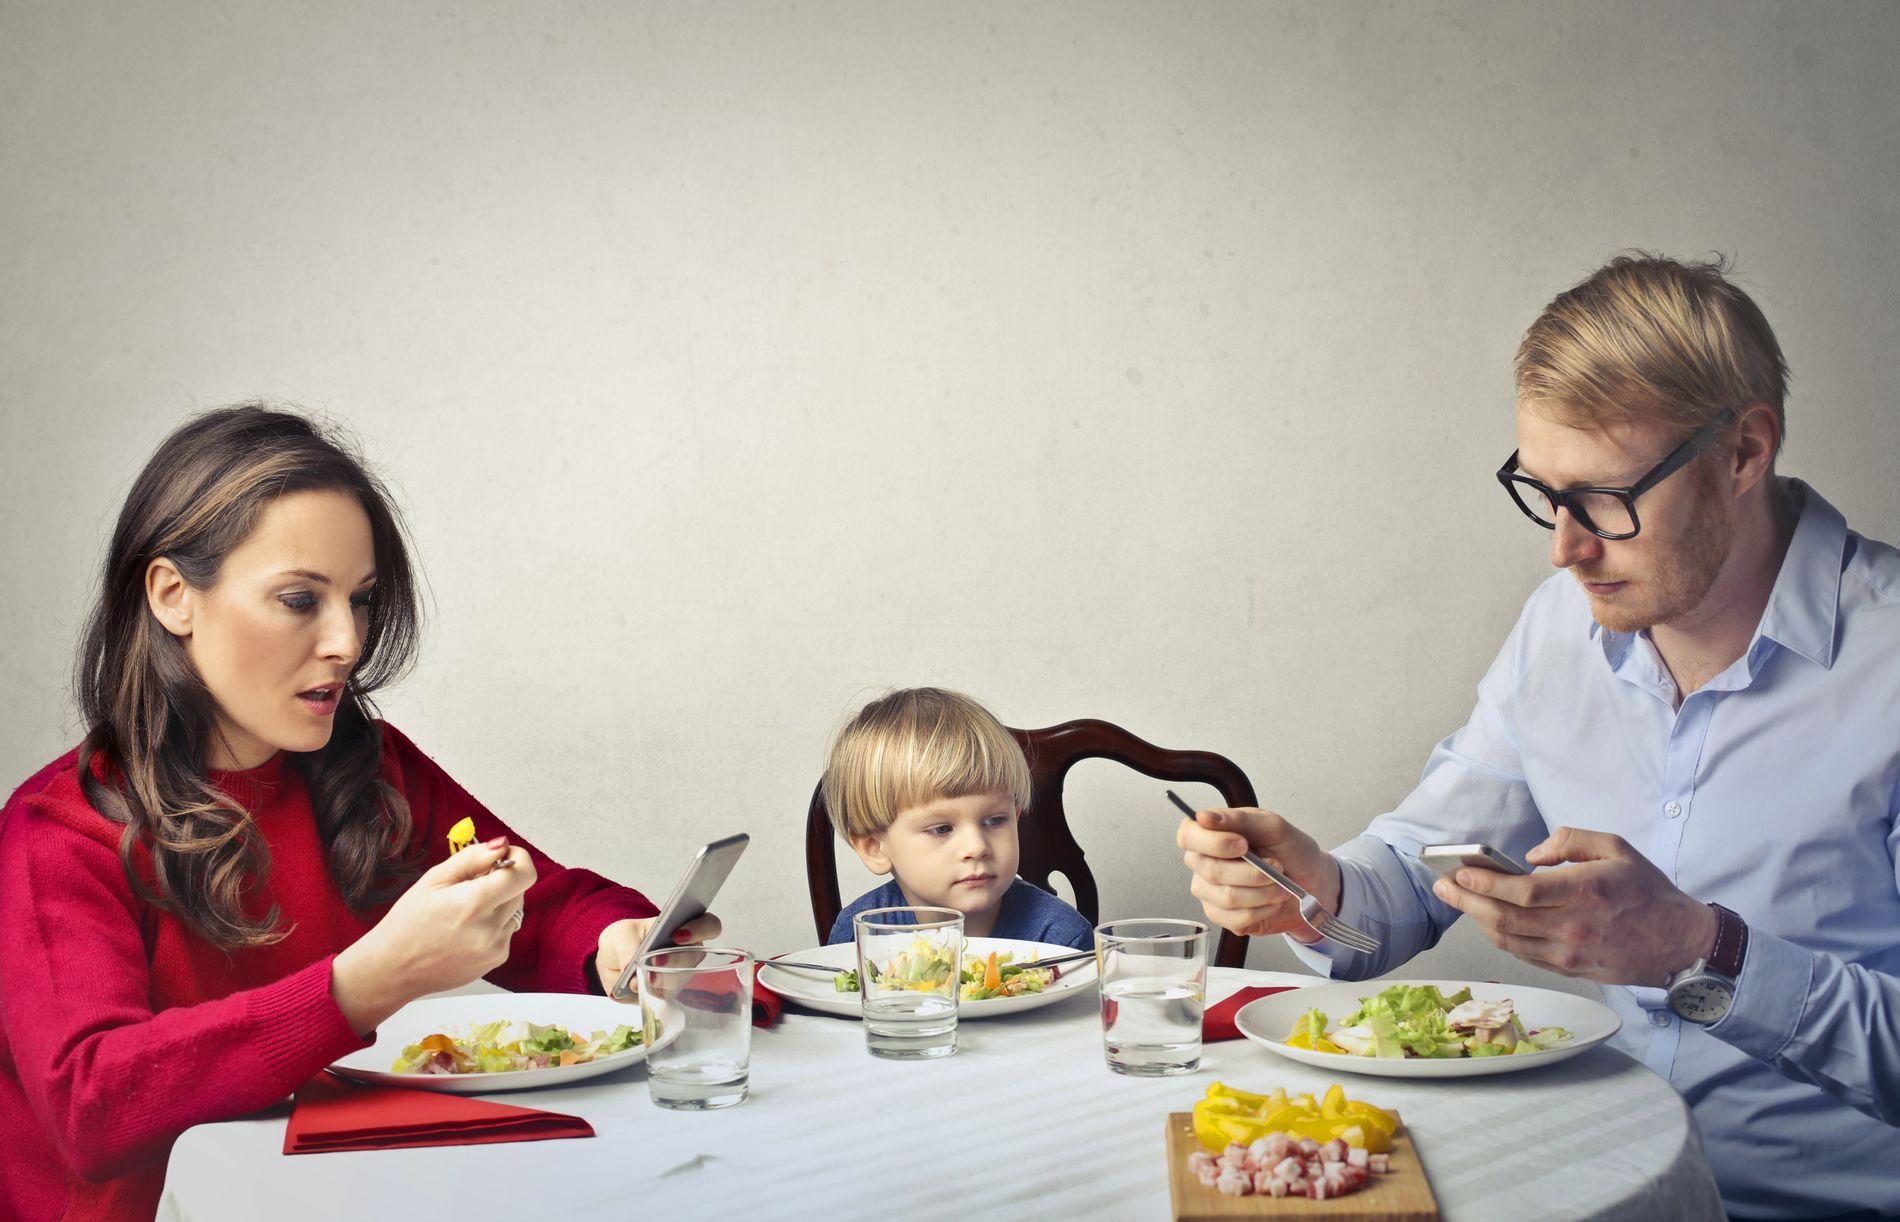 MOBILTIDEN: Barn og voksne krangler om skjermtid i de fleste norske familier. I denne kronikken kommer Røvik og Bjørndal med råd til hvordan man kan begrense skjermbruken.